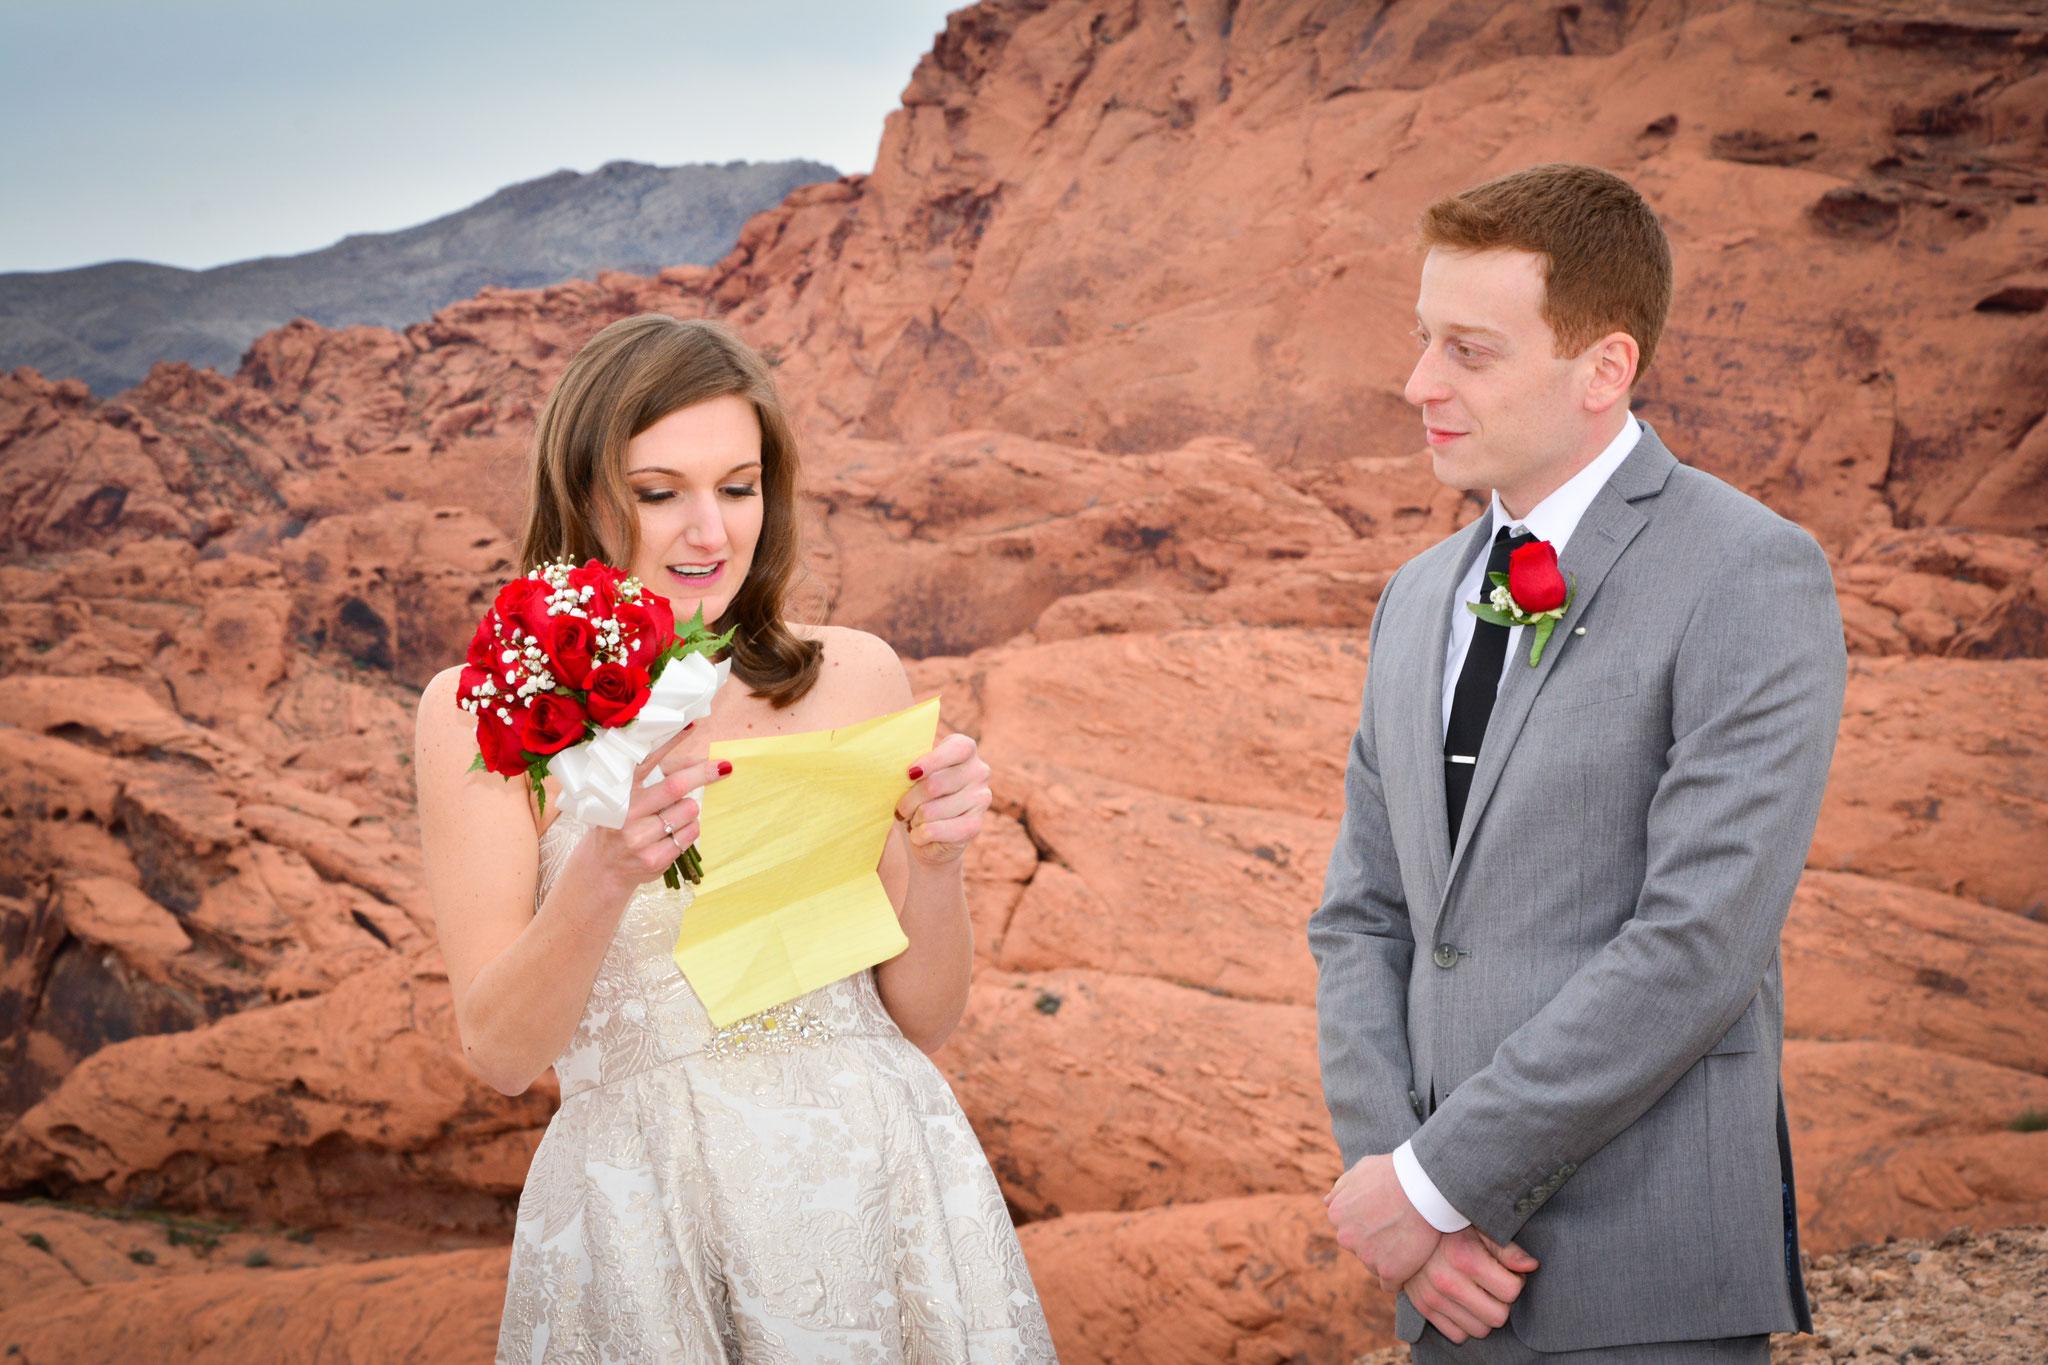 Das eigene Eheversprechen ist emotional